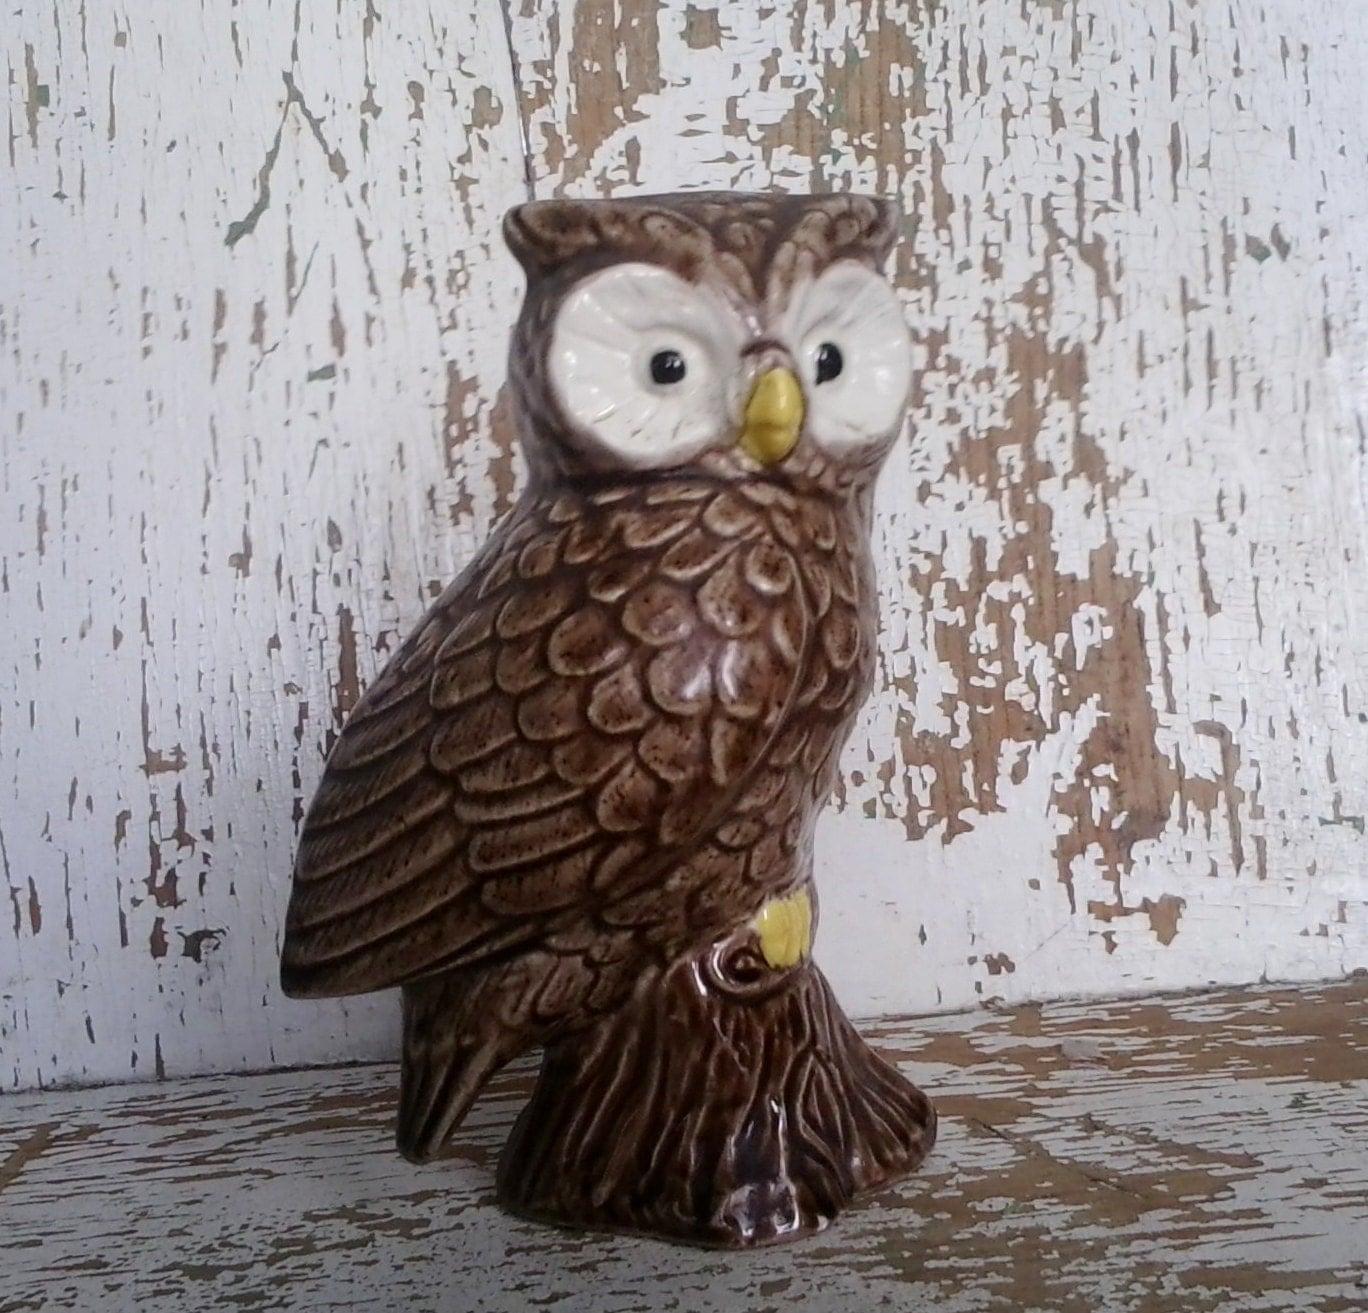 Retro Kitsch Ceramic Owl Figurine Vintage By Happydayantiques